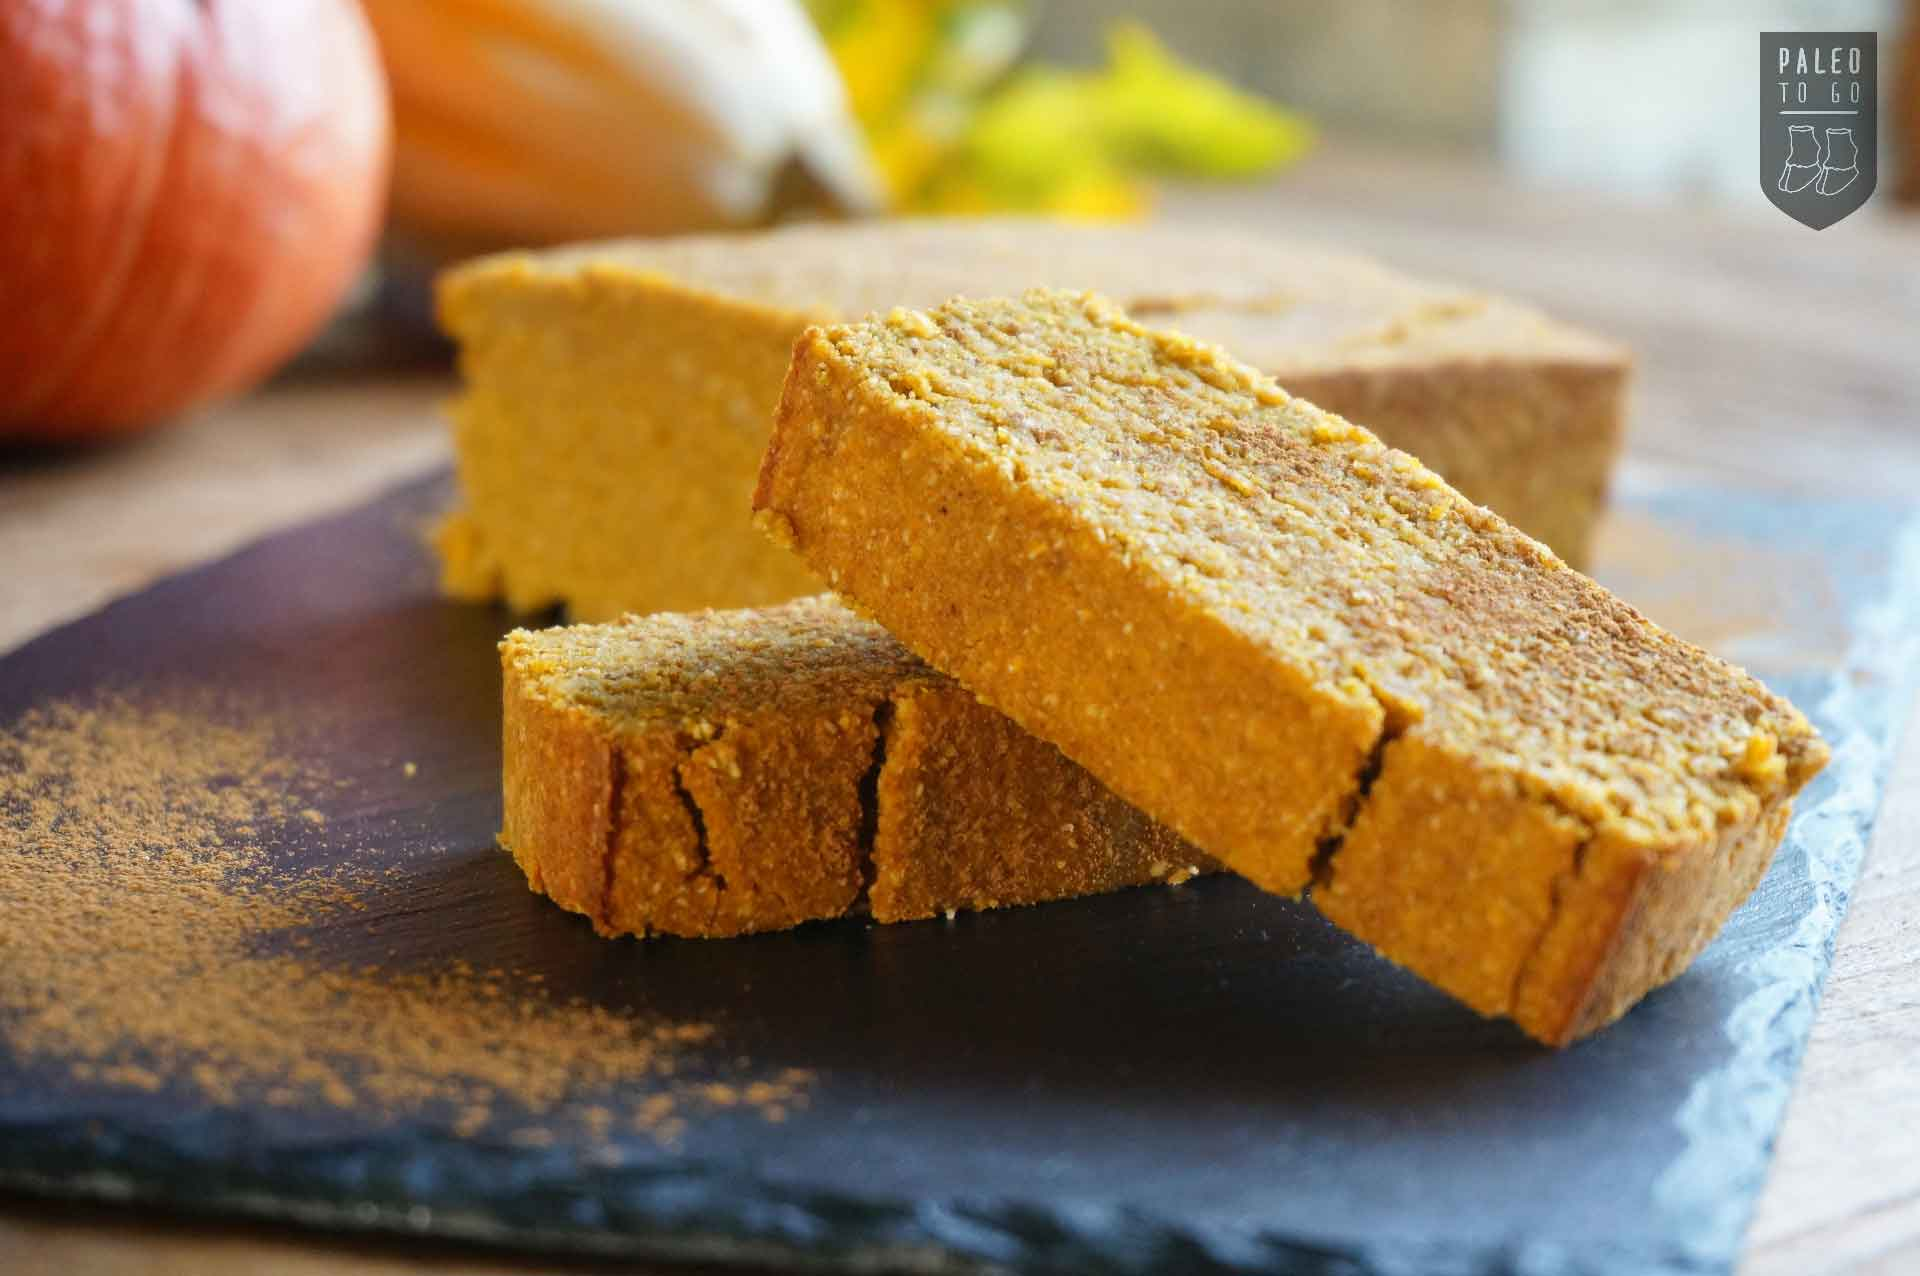 Kurbisbrot - Paleo Brot: 7 leckere Rezepte für ein klassisches Frühstück